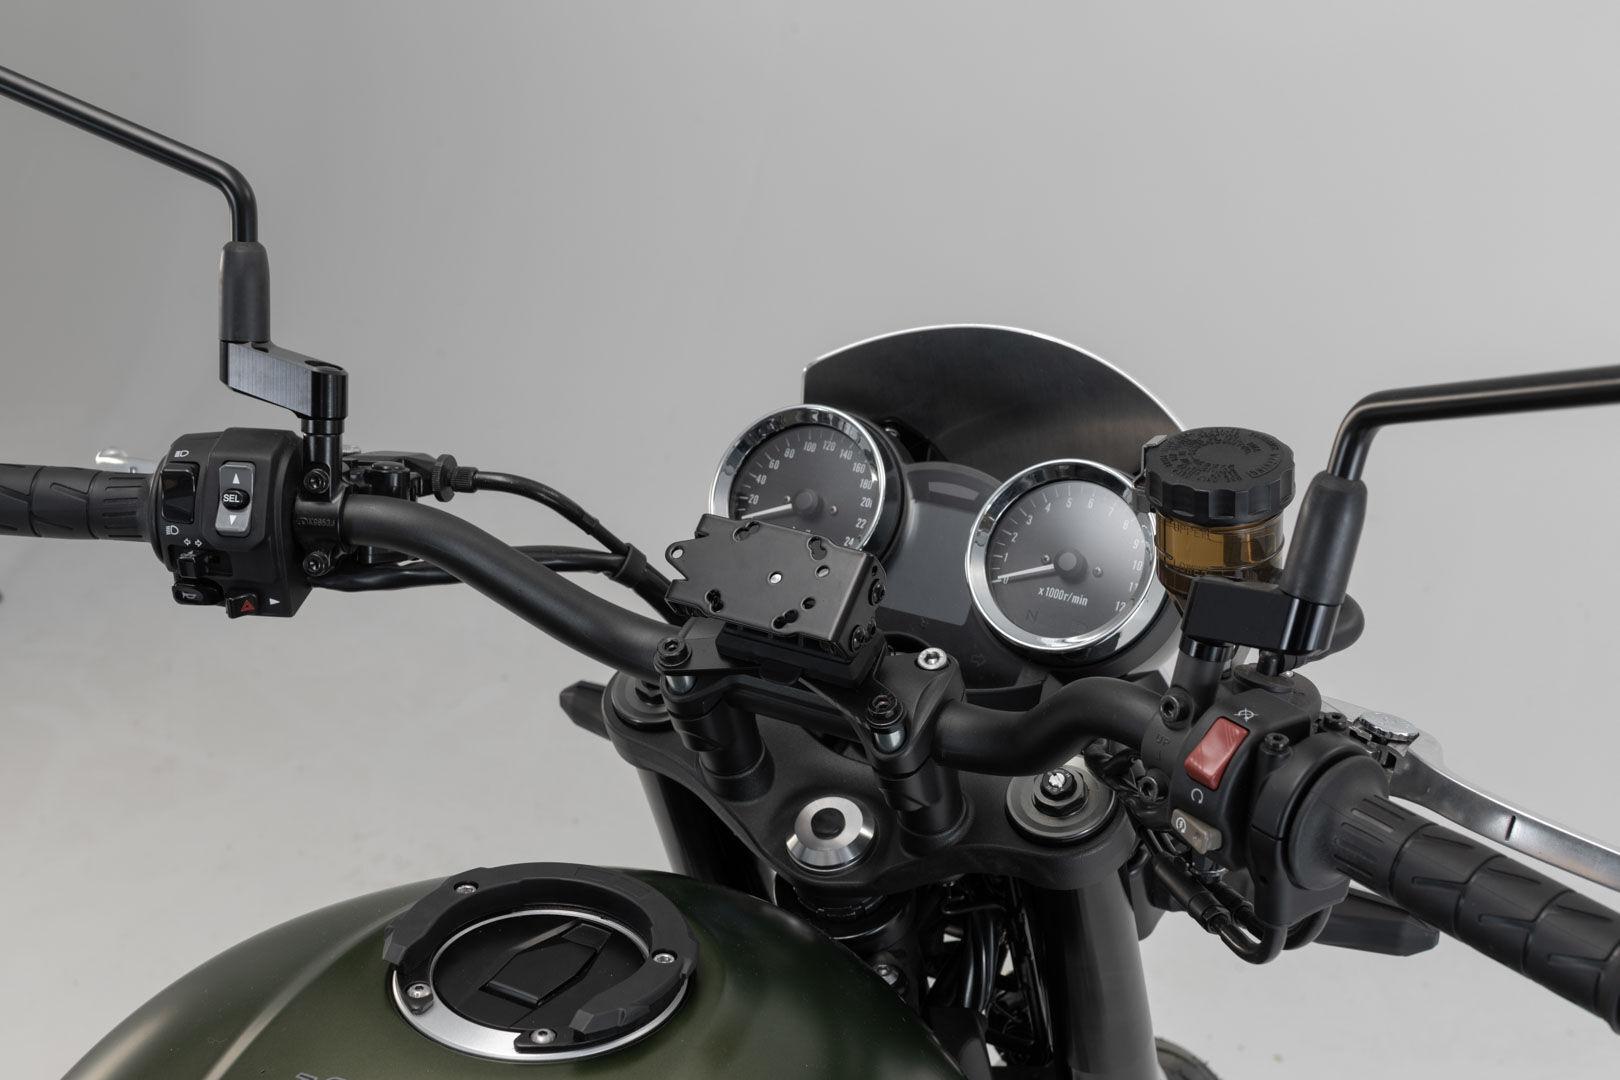 SW-Motech Soporte de GPS cockpit - Negro. Kawasaki Z900RS/ Cafe (17-).